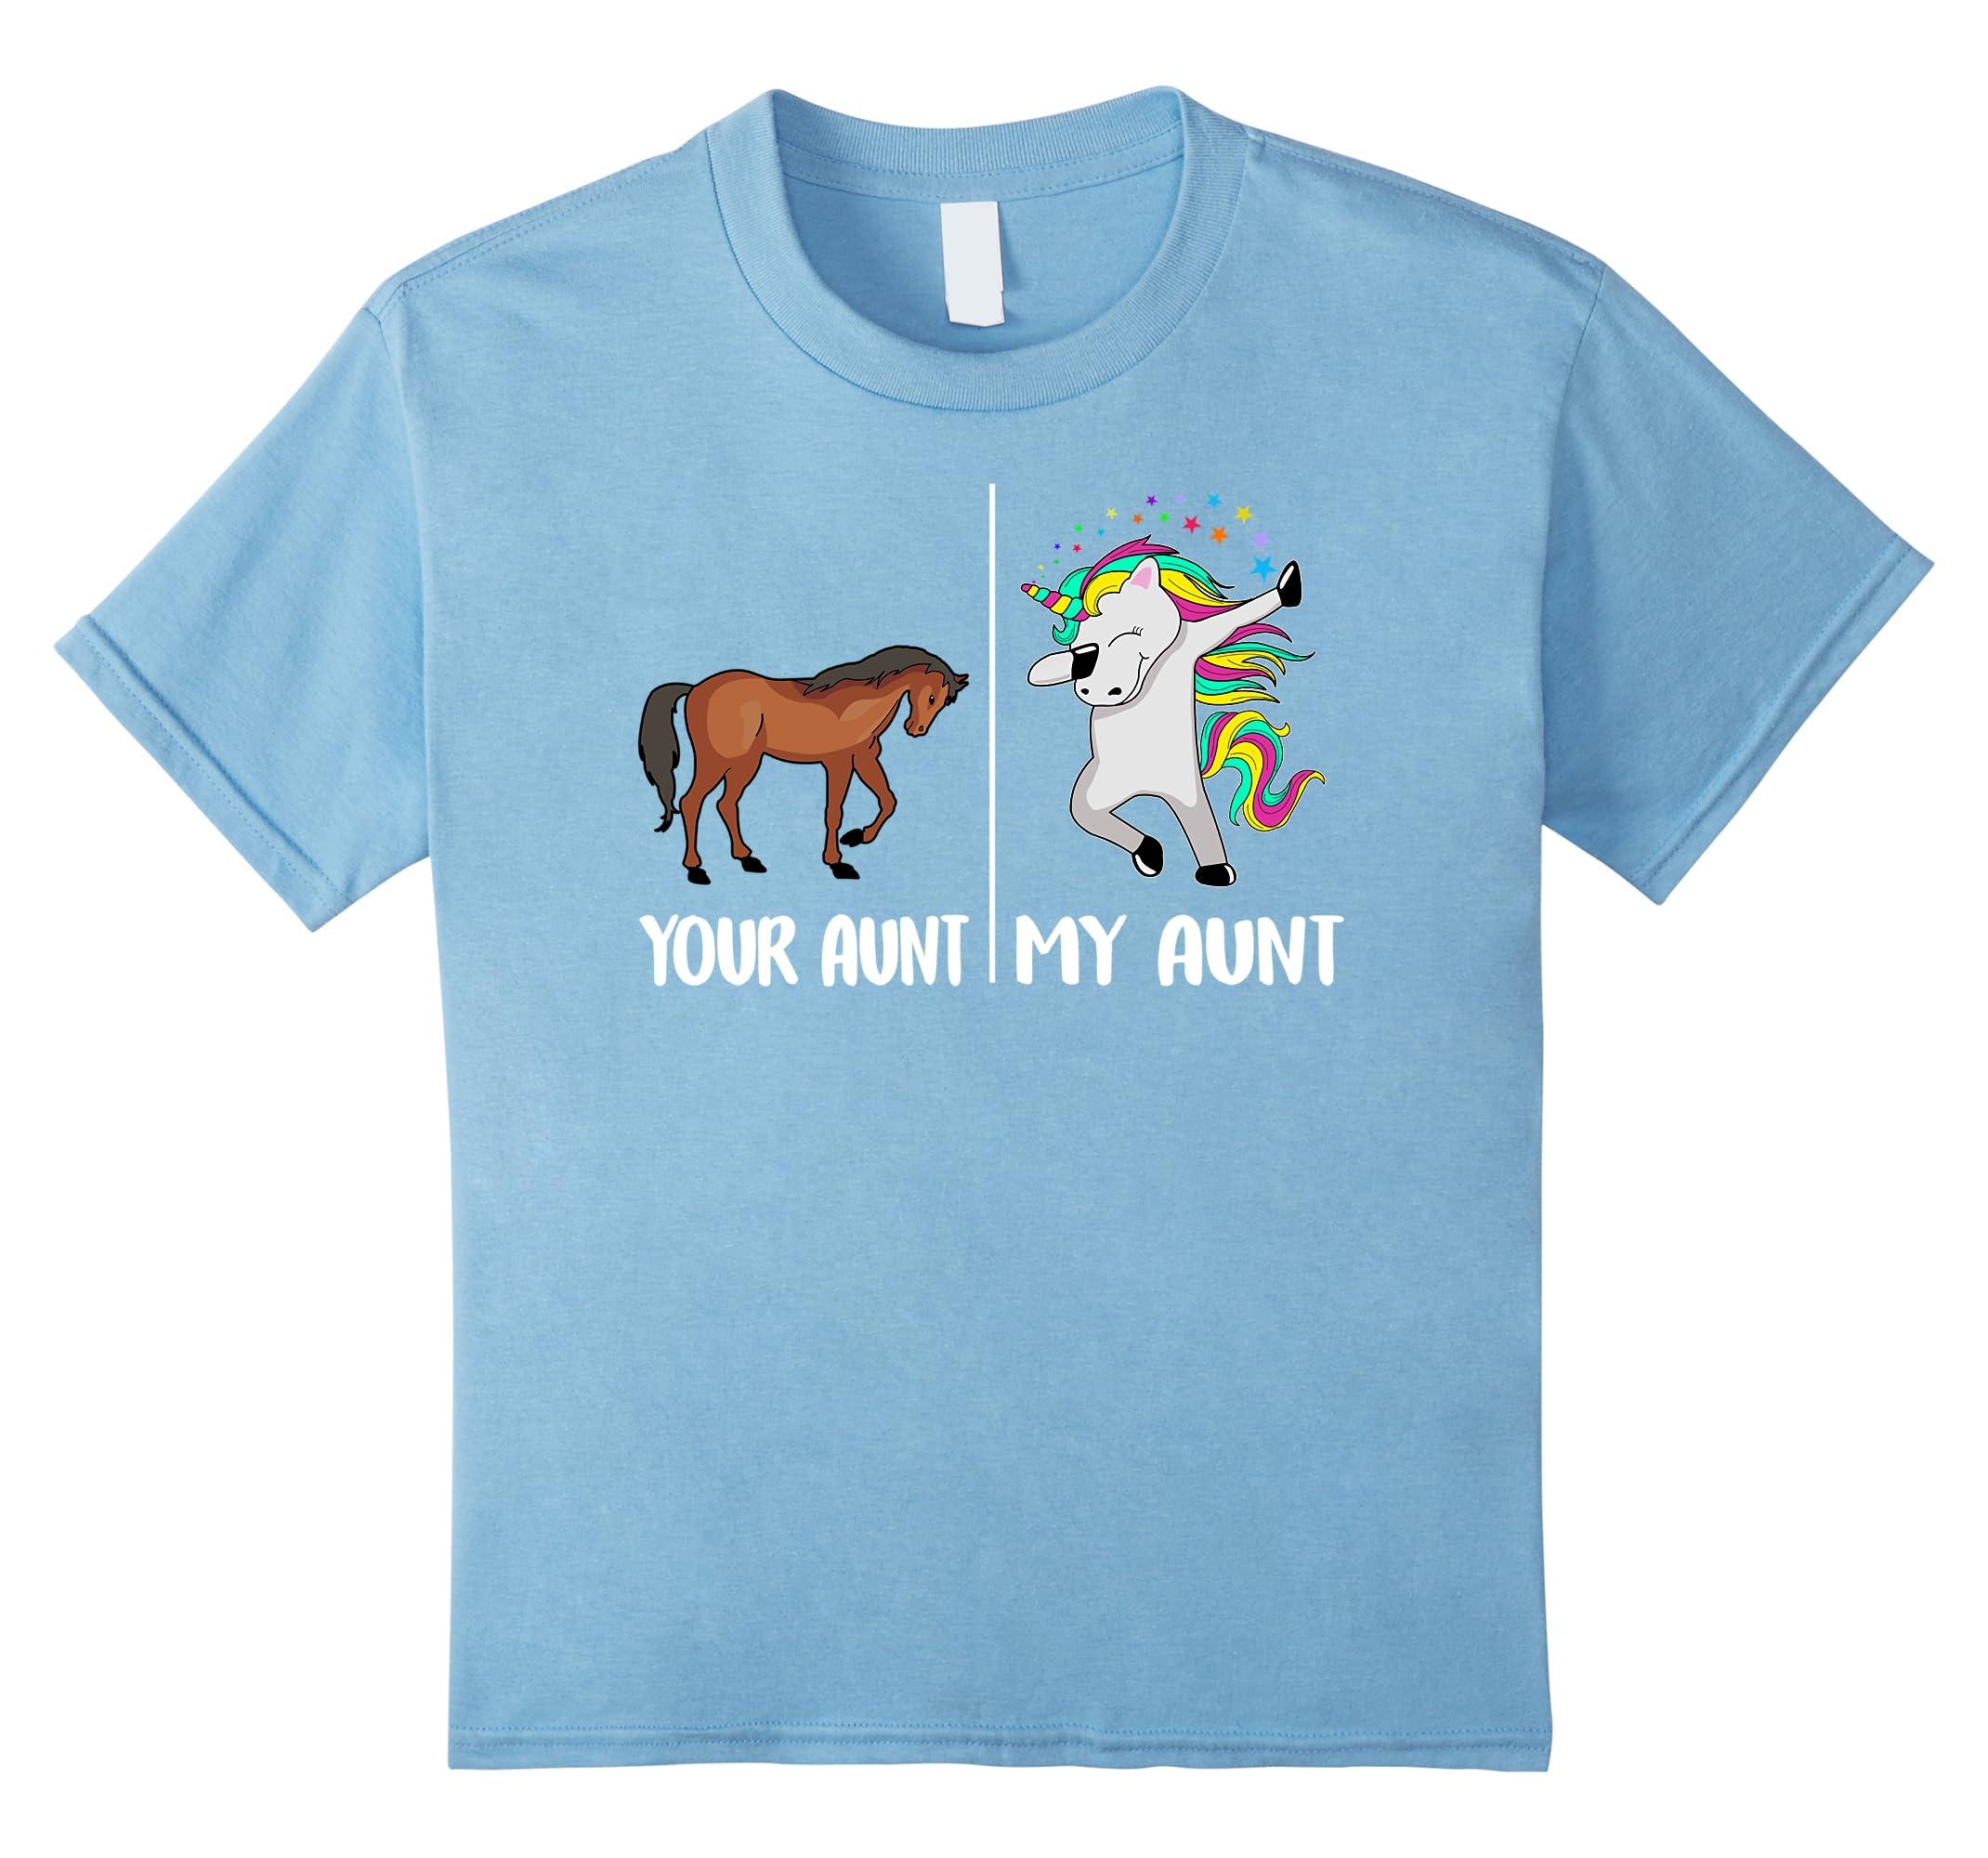 Funny Unicorn T Shirt Gifts Auntie-Samdetee